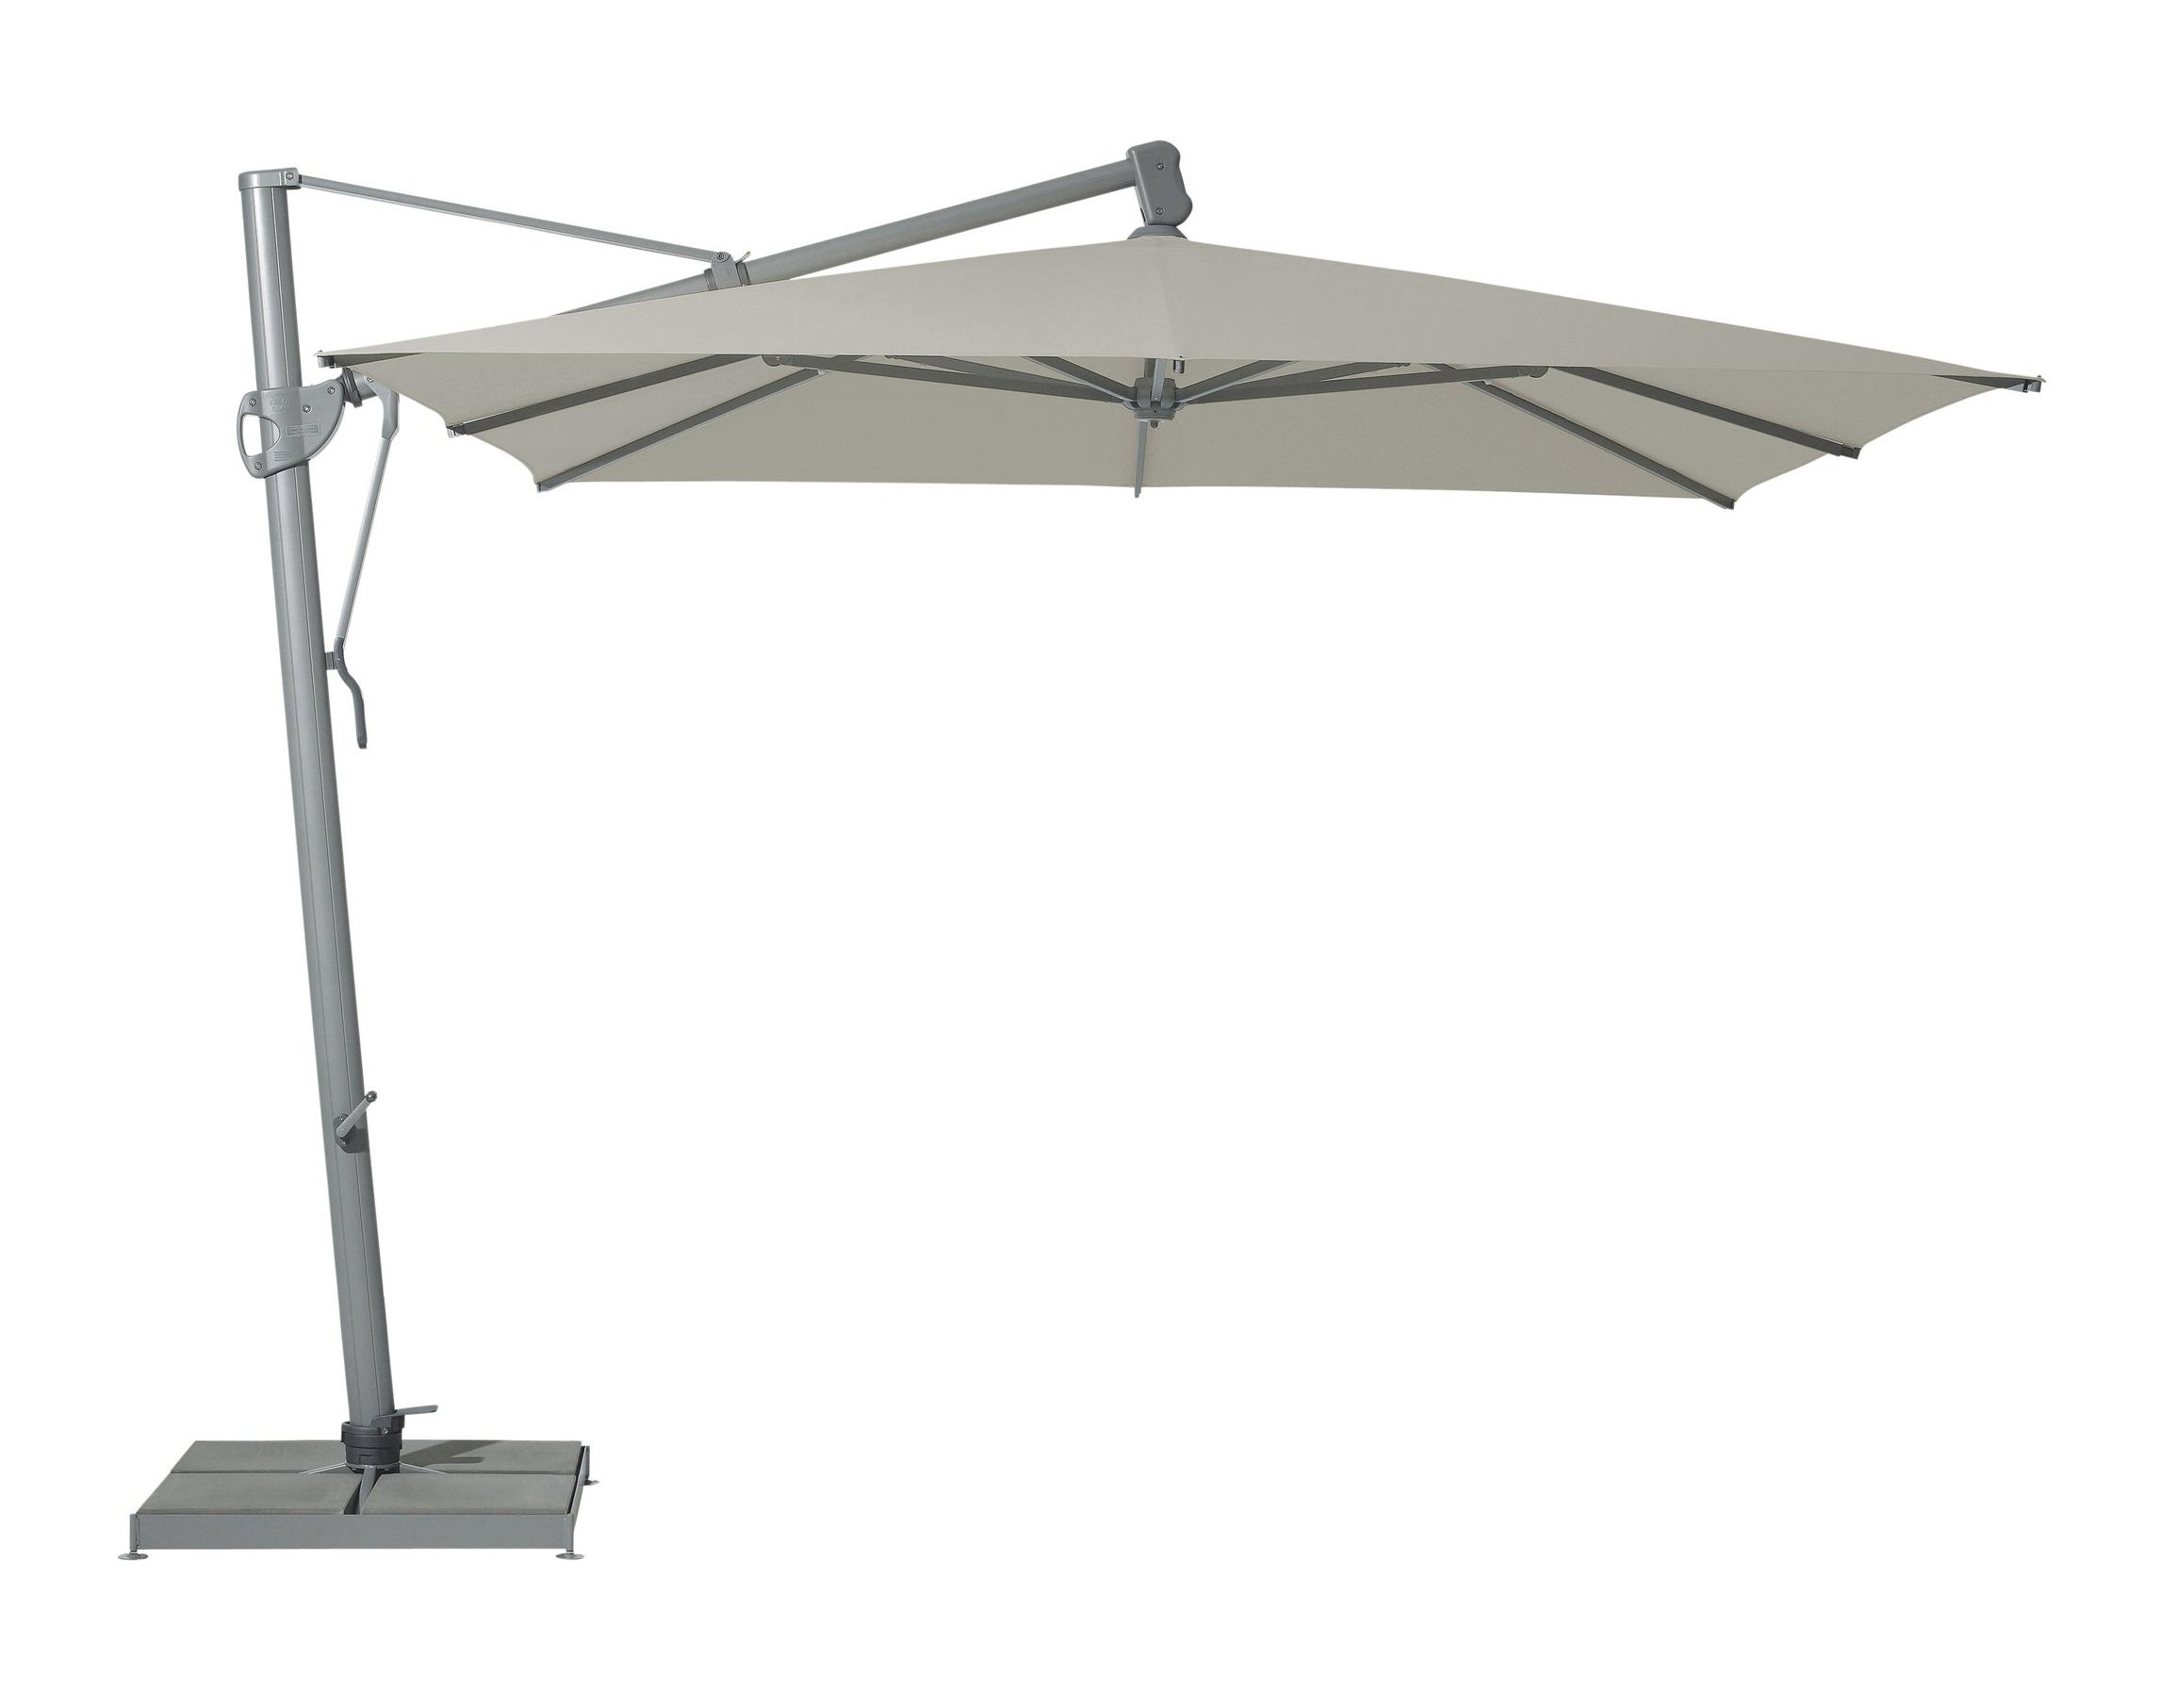 Уличный зонт Sombrano easyТенты и зонты<br>Квадратный зонт с боковой опорой, каркас из крашенного в темно-серый цвет алюминия. Вращается вокруг своей оси. Регулируется угол наклона купола.&amp;amp;nbsp;&amp;lt;div&amp;gt;Плотность ткани 220 g/m2.&amp;amp;nbsp;&amp;lt;/div&amp;gt;&amp;lt;div&amp;gt;Максимальная ветровая нагрузка 45км/ч.&amp;amp;nbsp;&amp;lt;/div&amp;gt;&amp;lt;div&amp;gt;В комплект входит:  база 180кг,декоративная крышка для базы, защитный чехол.&amp;amp;nbsp;&amp;lt;/div&amp;gt;<br><br>Material: Алюминий<br>Width см: 300<br>Depth см: 300<br>Height см: 300